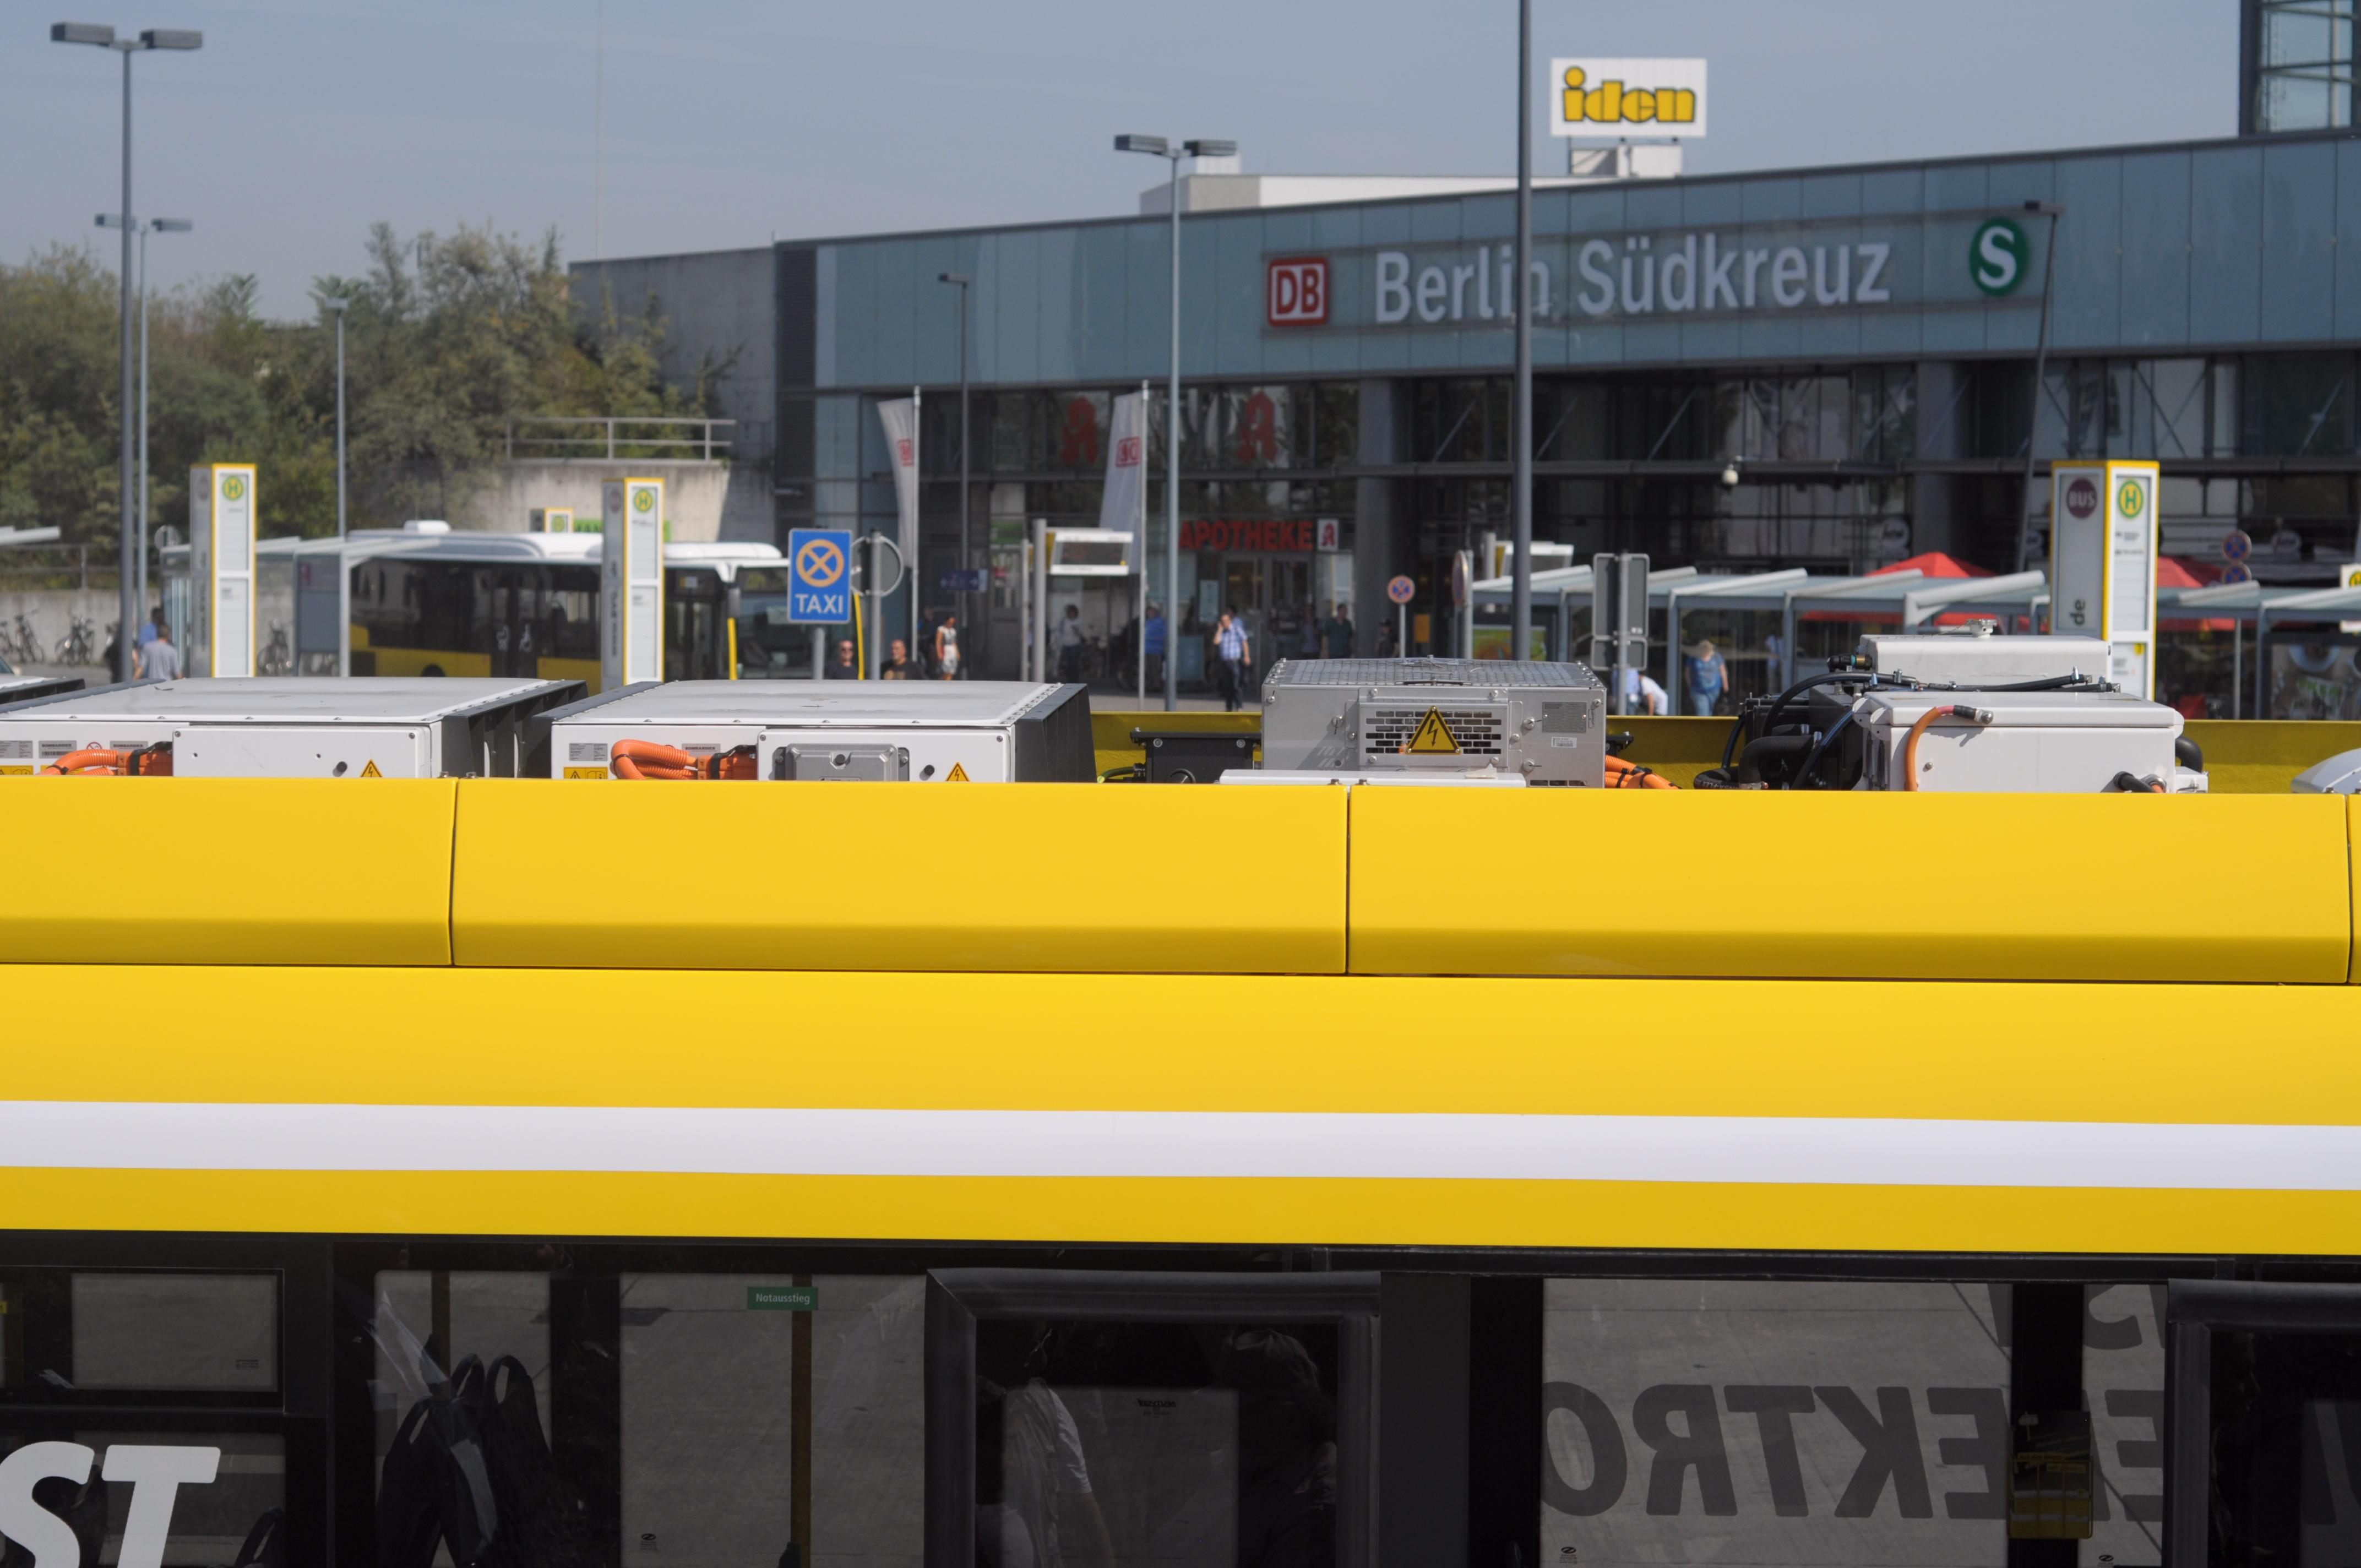 Bombardier Primove: Die BVG hat Probleme mit ihren Berliner Induktionsbussen - ... oben verbaut. (Foto: Andreas Sebayang/Golem.de)